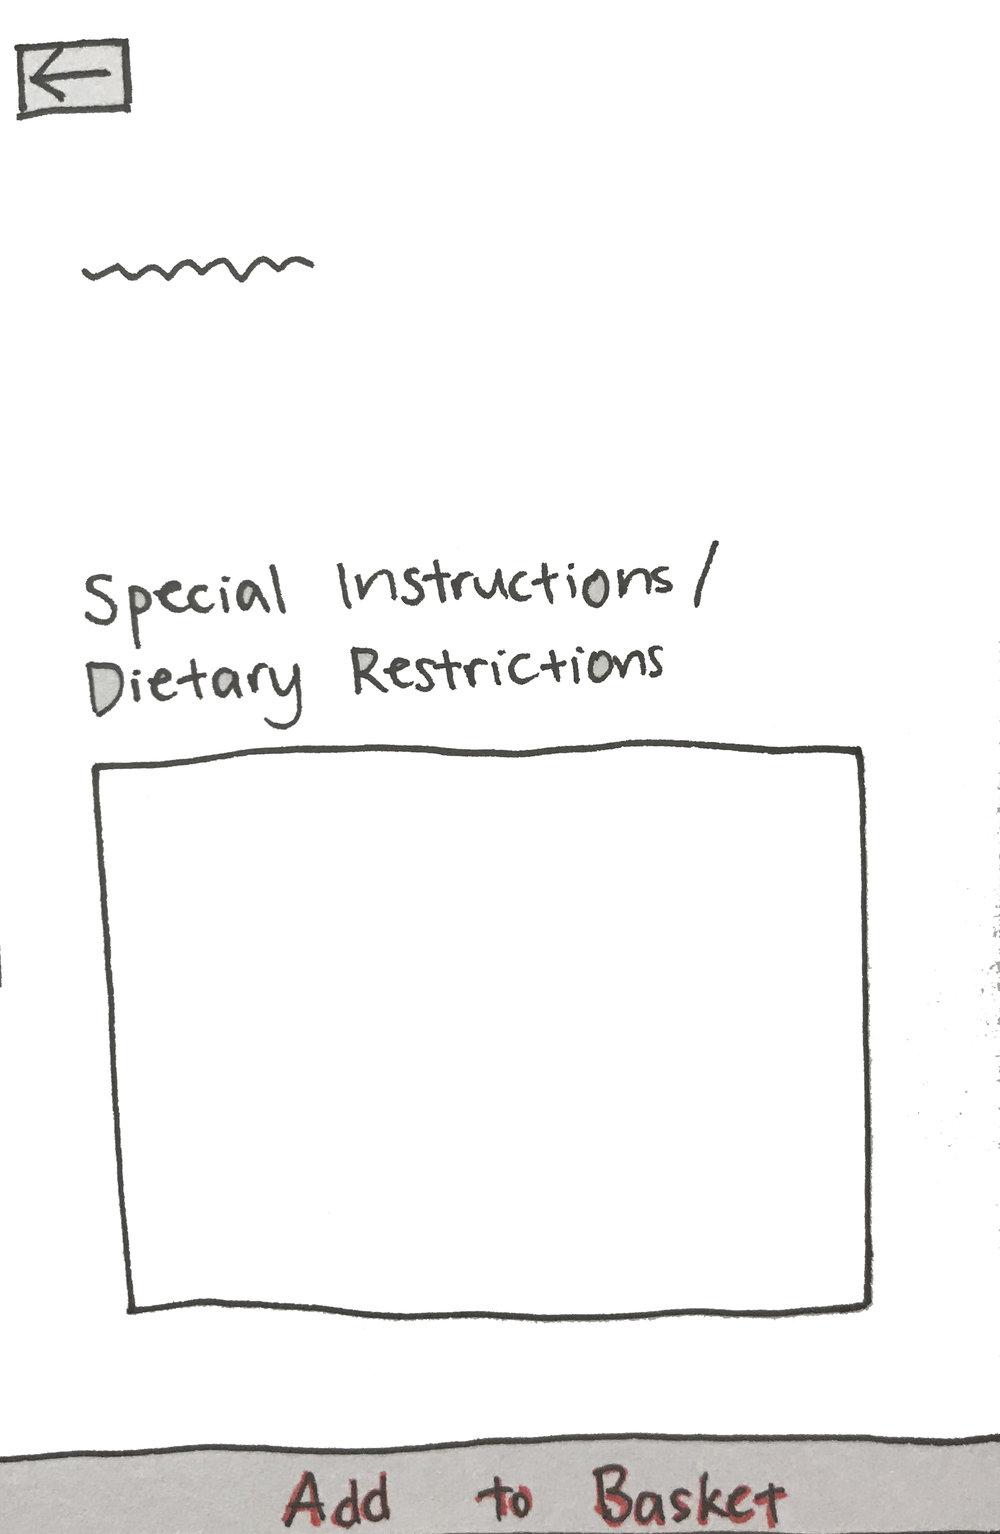 specialinstructions.jpg